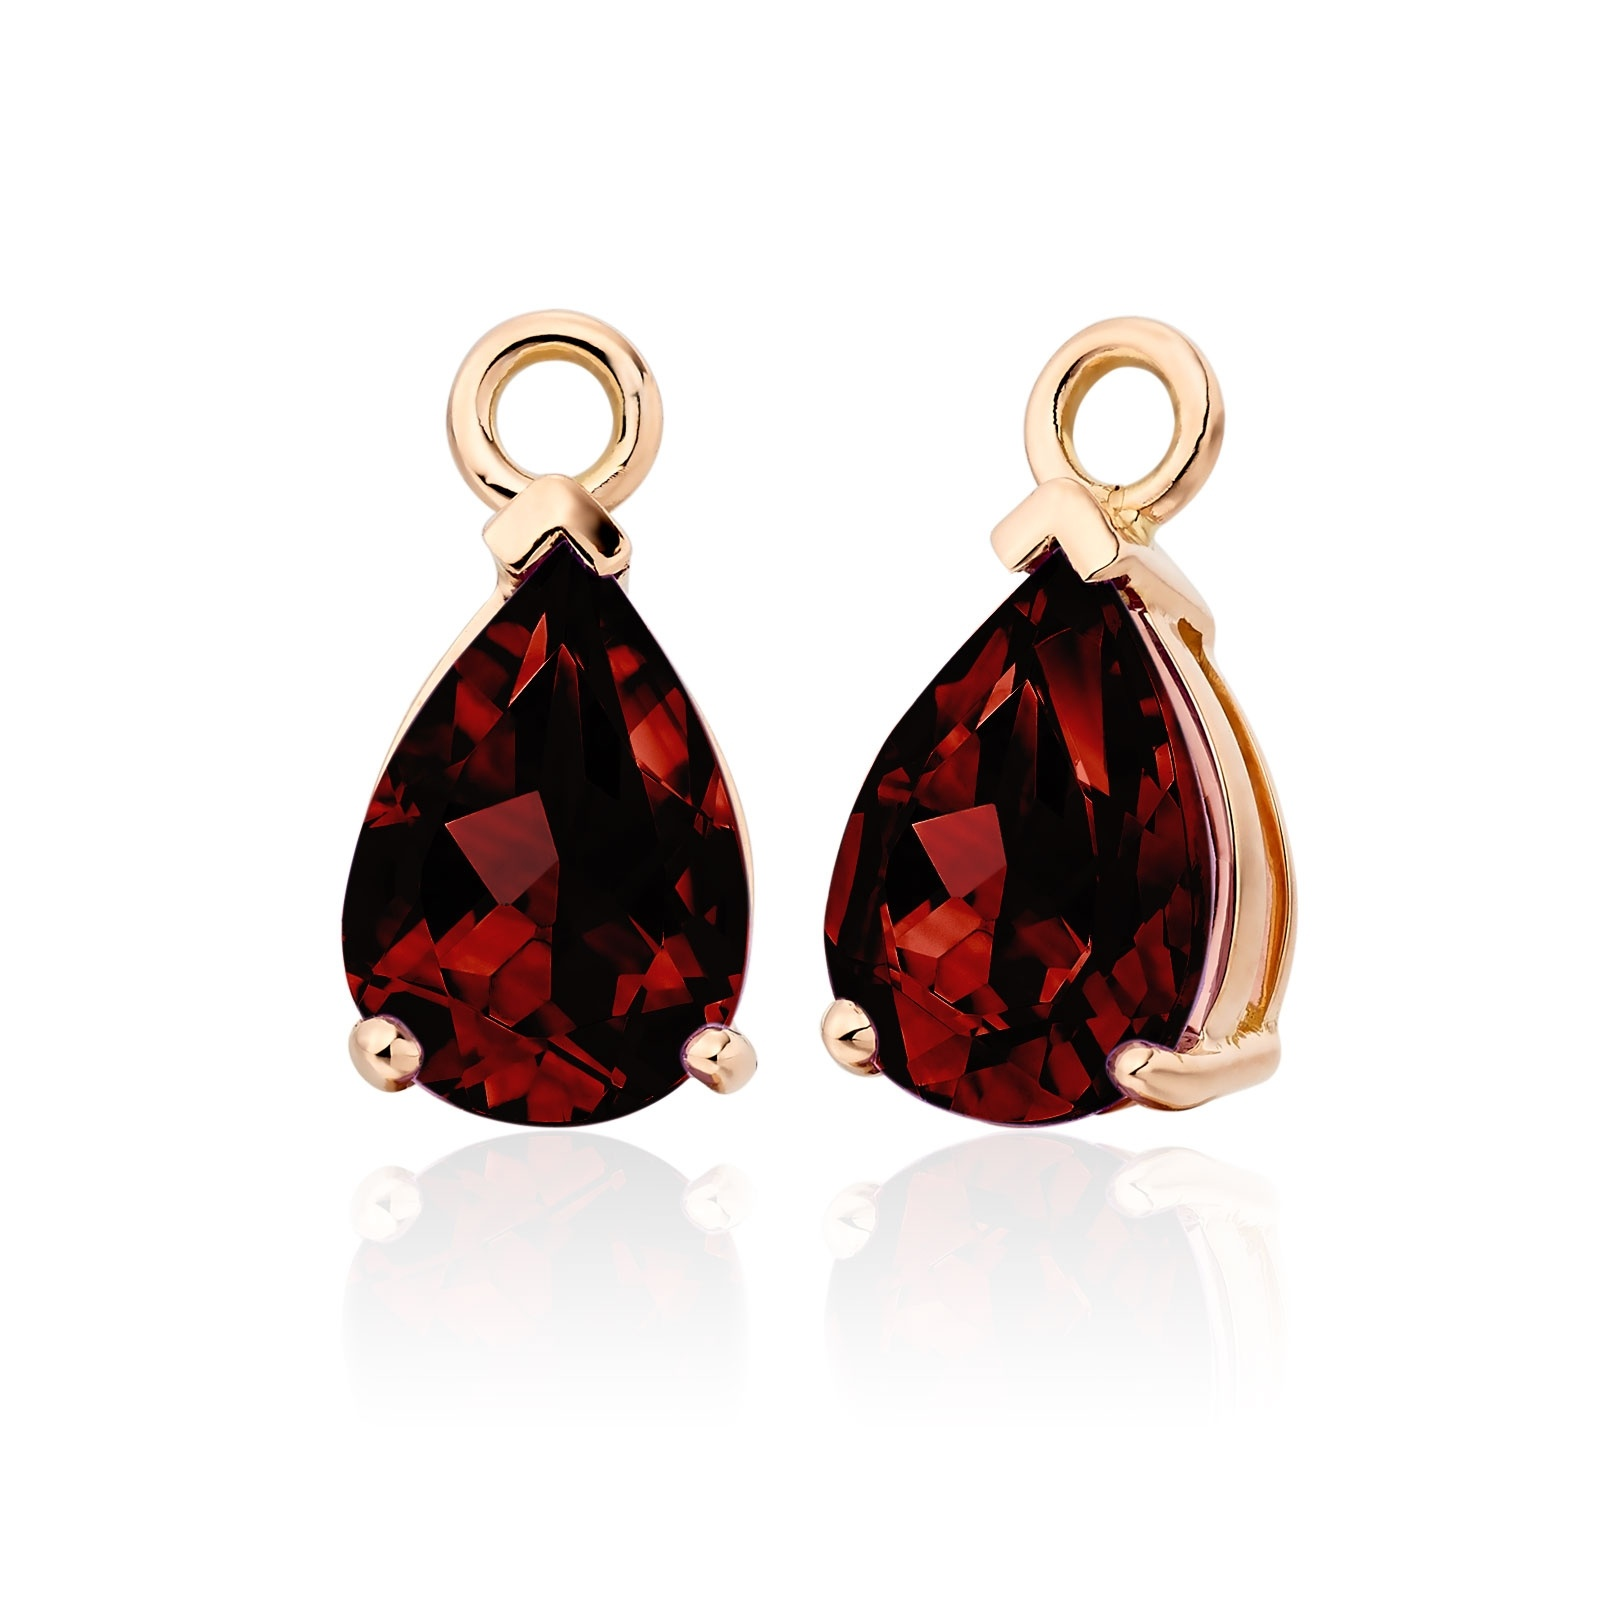 Mythologie Red Garnet Leverback Drops in Rose Gold-GELPRG1316-1